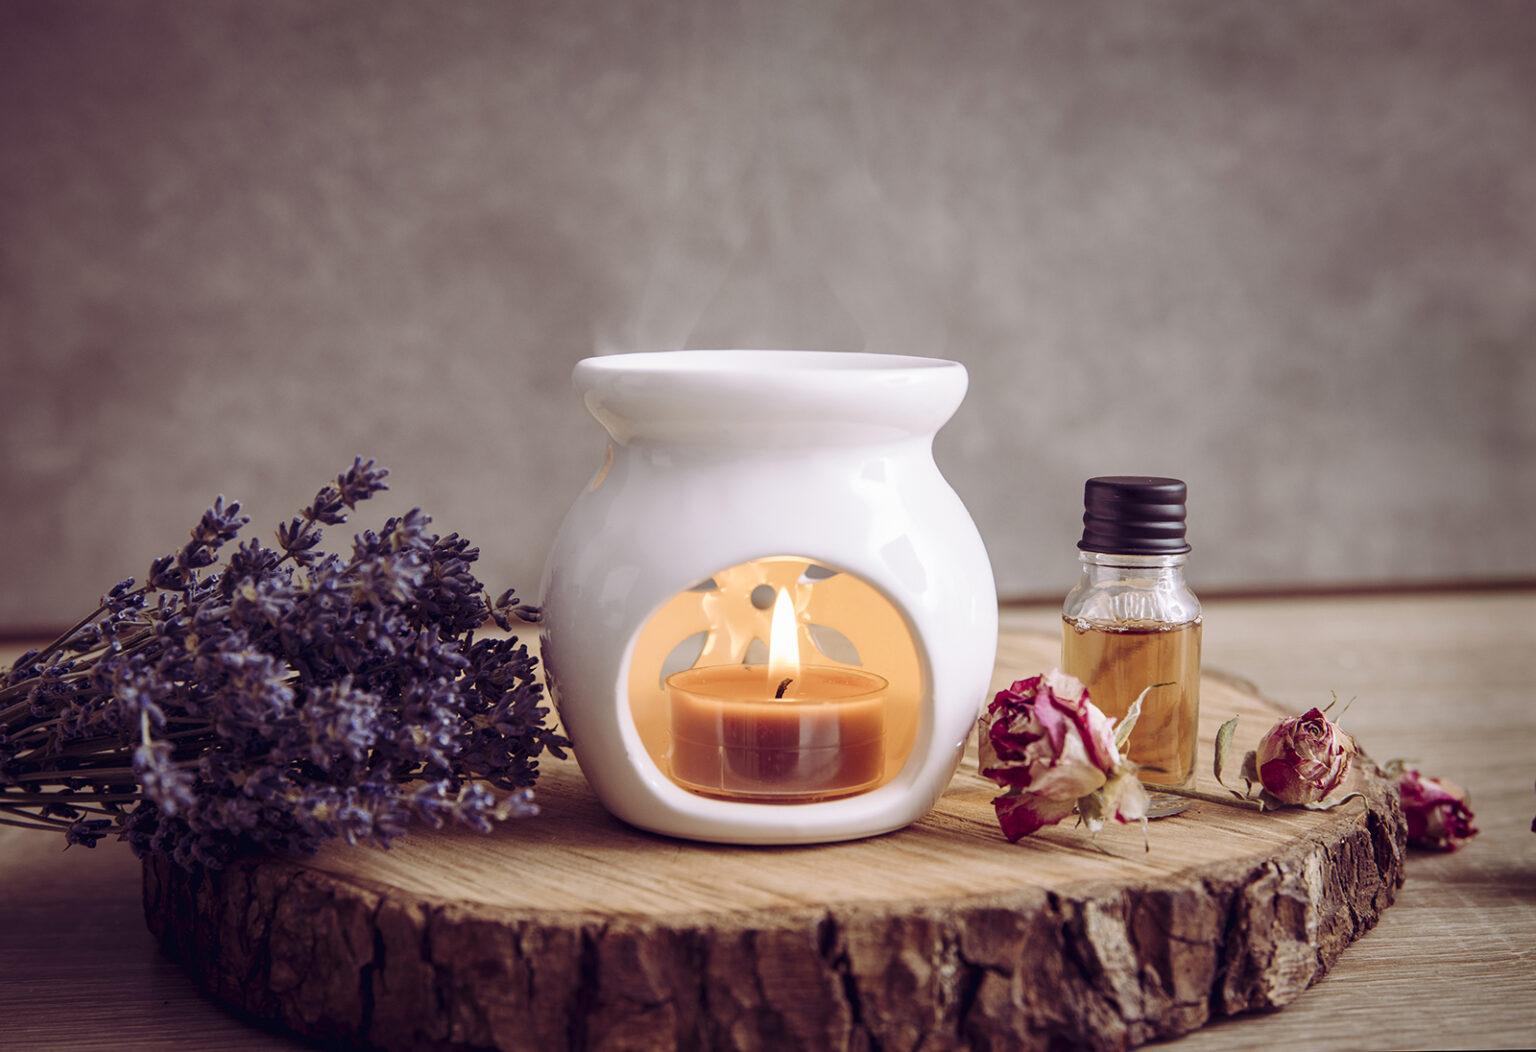 Duftlampe auf einem Stück Holz mit Lavendel und einer Flasche ätherischem Öl